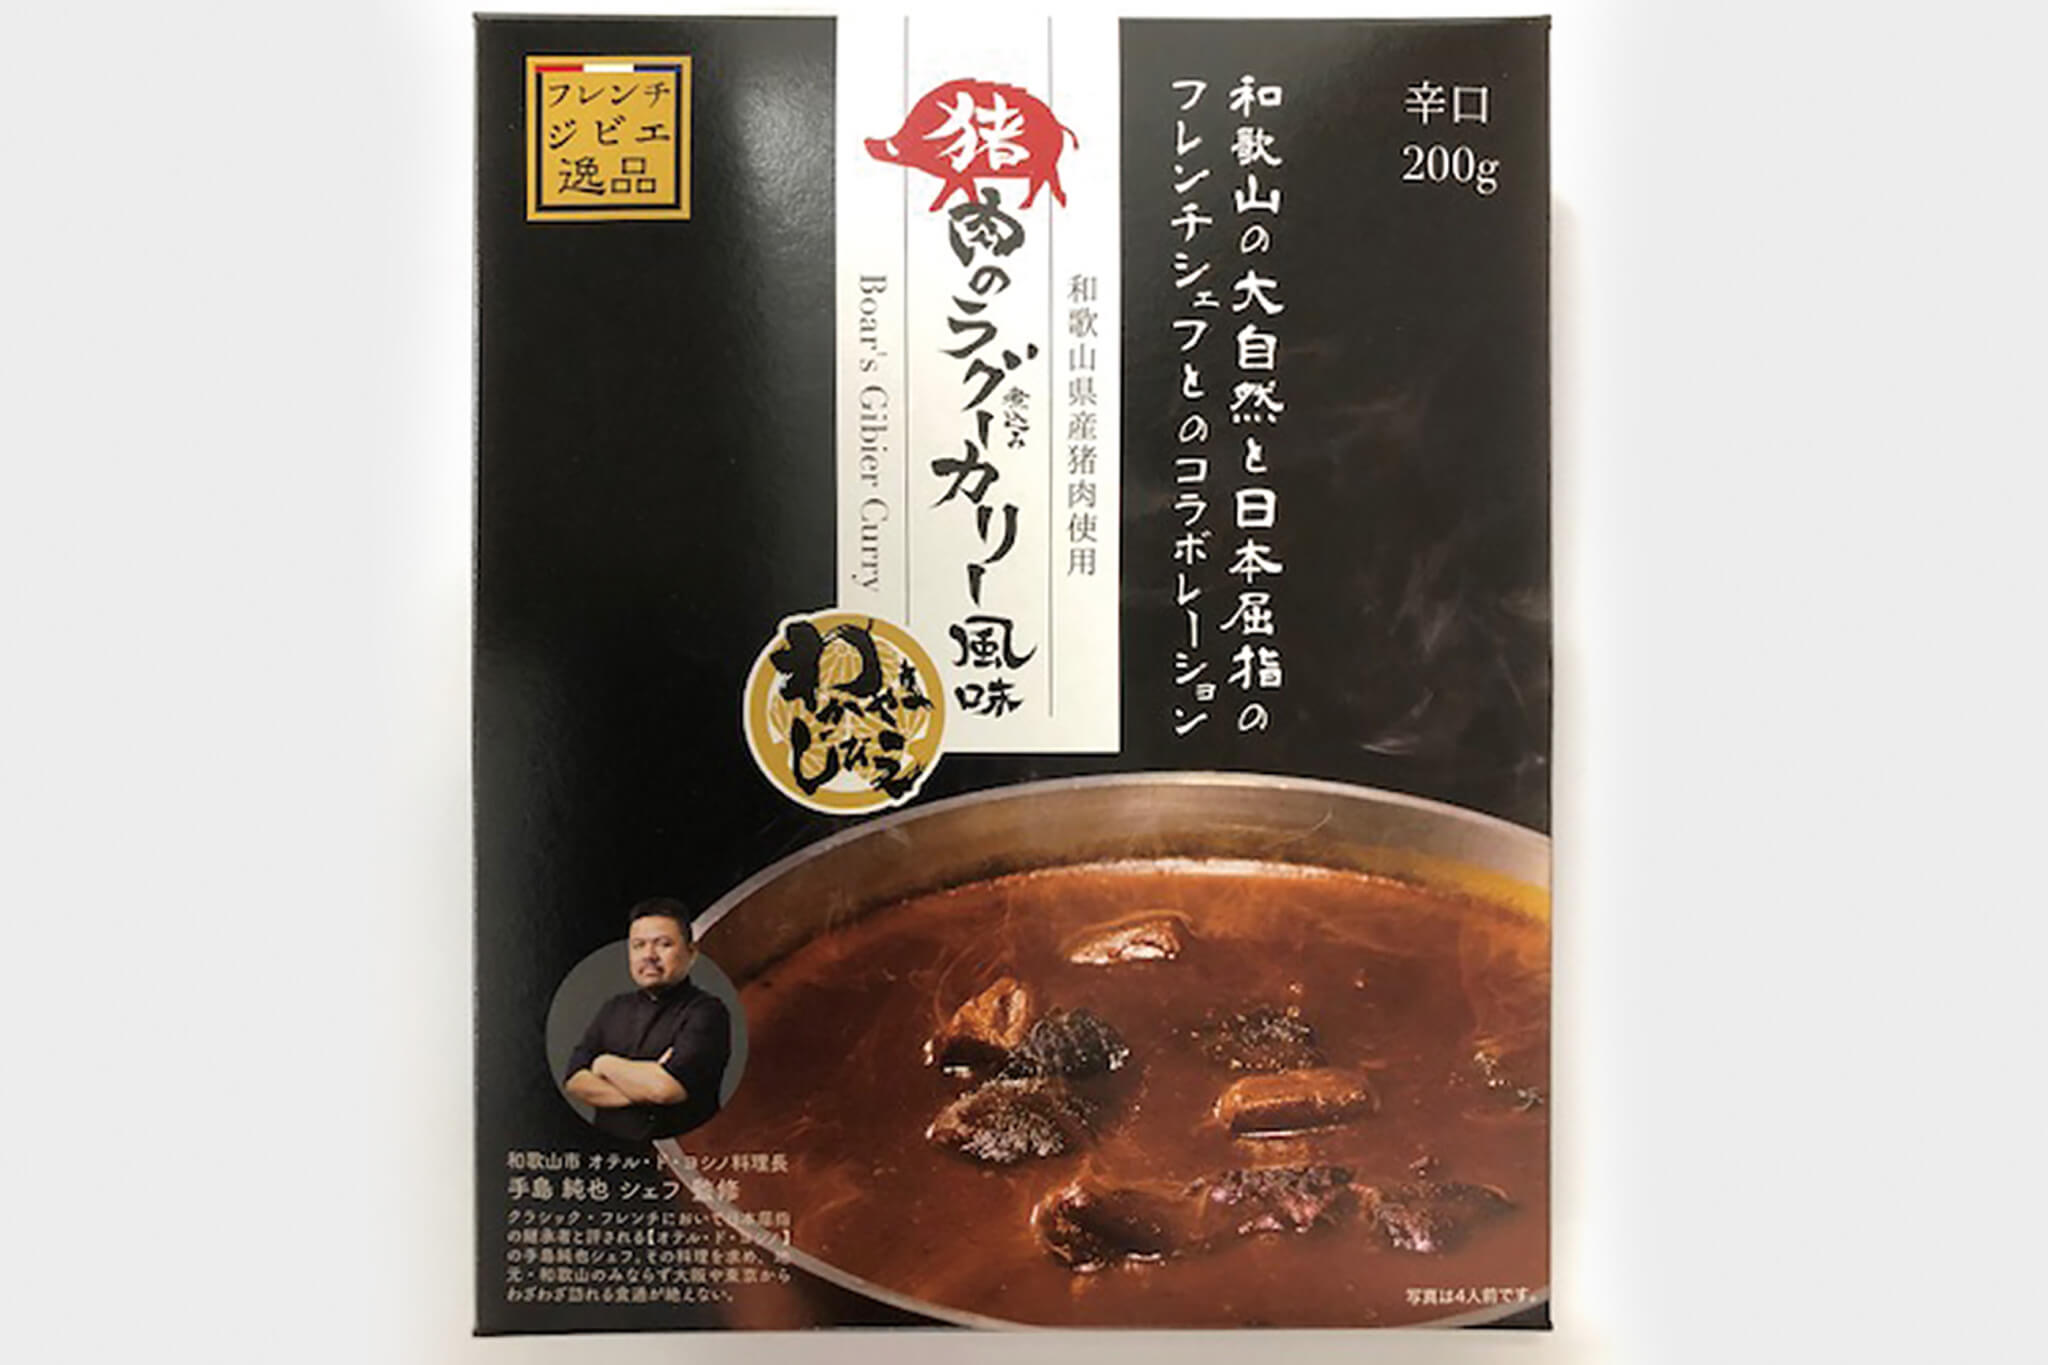 MEAT FACTORY(和歌山市駅前キーノ内)